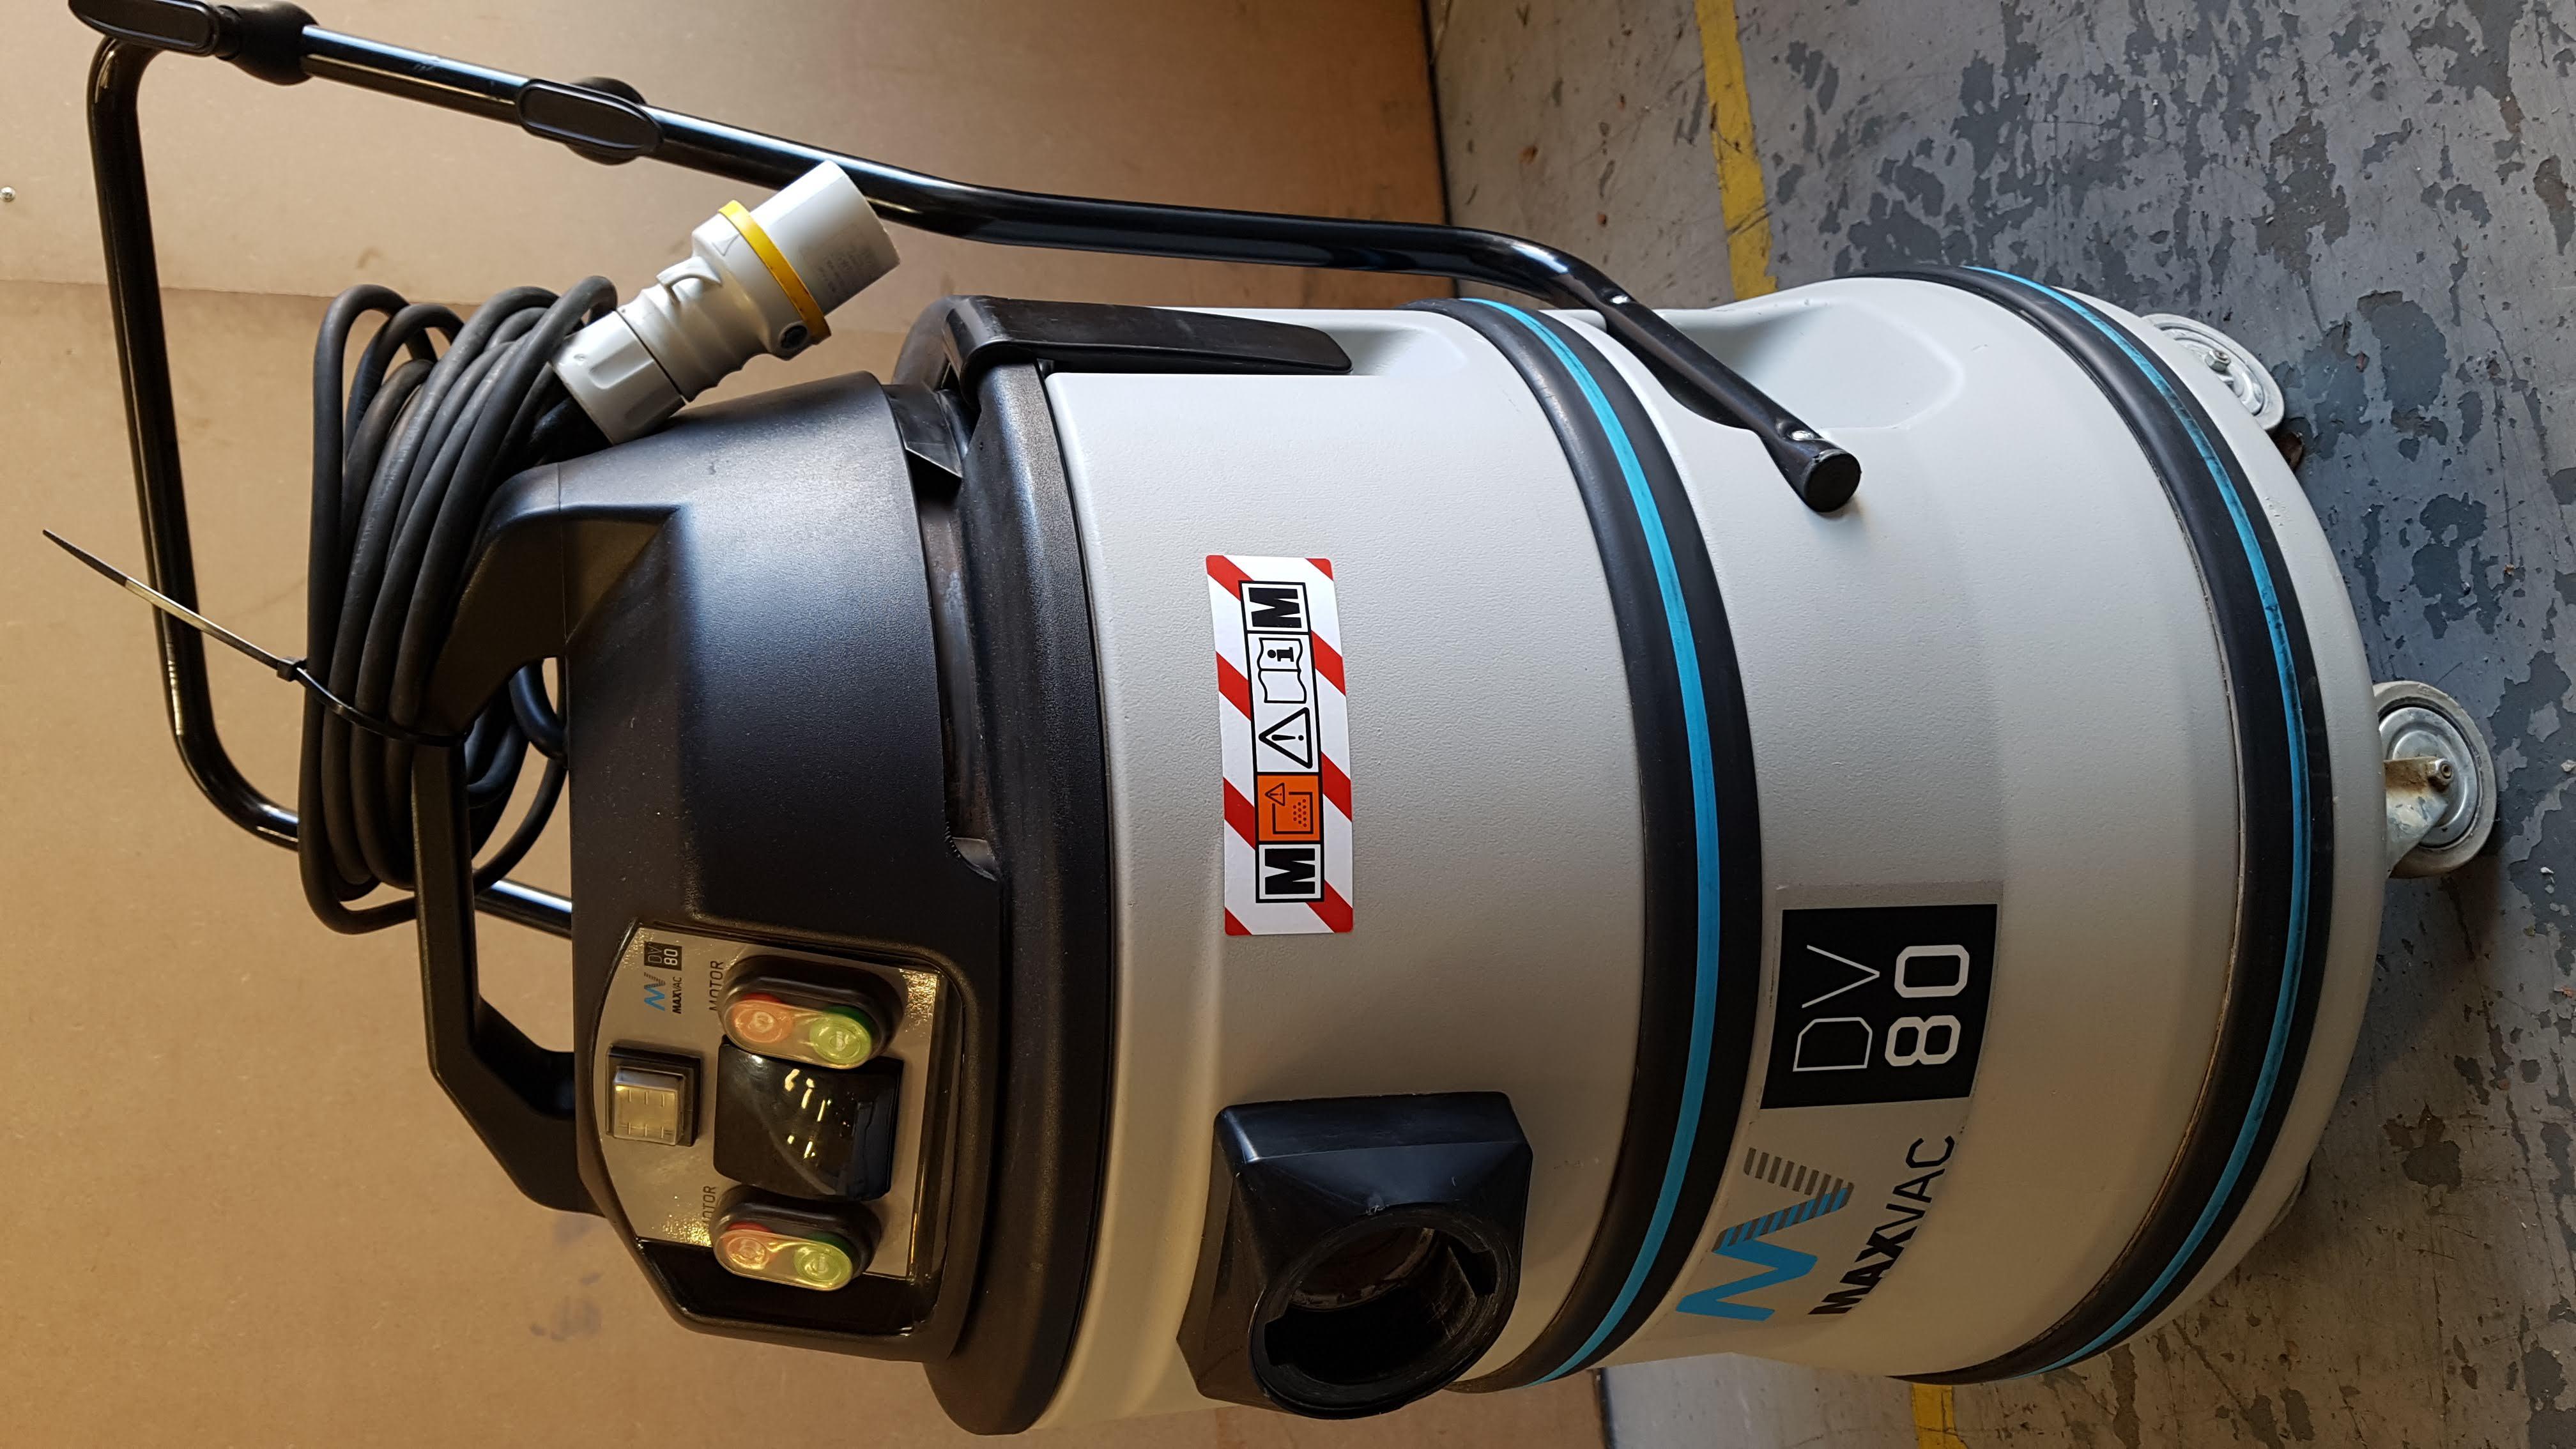 Ex-Display DV-80-110 vacuum cleaner